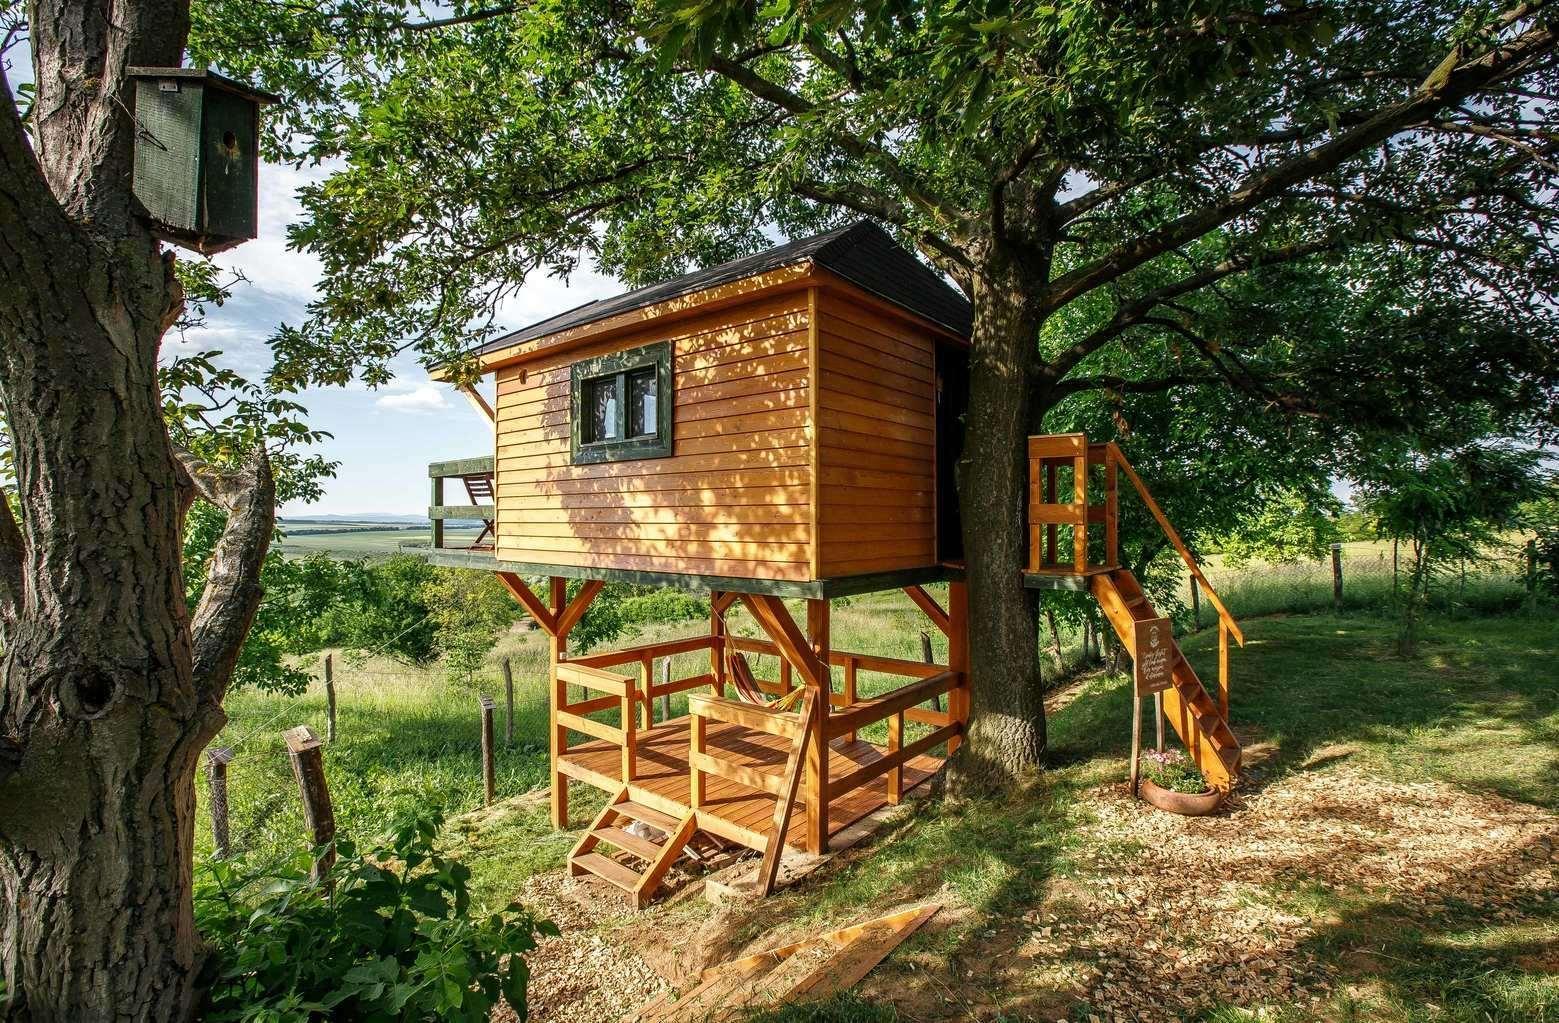 Zöld Fészek Green Nest Lombház Canopy House